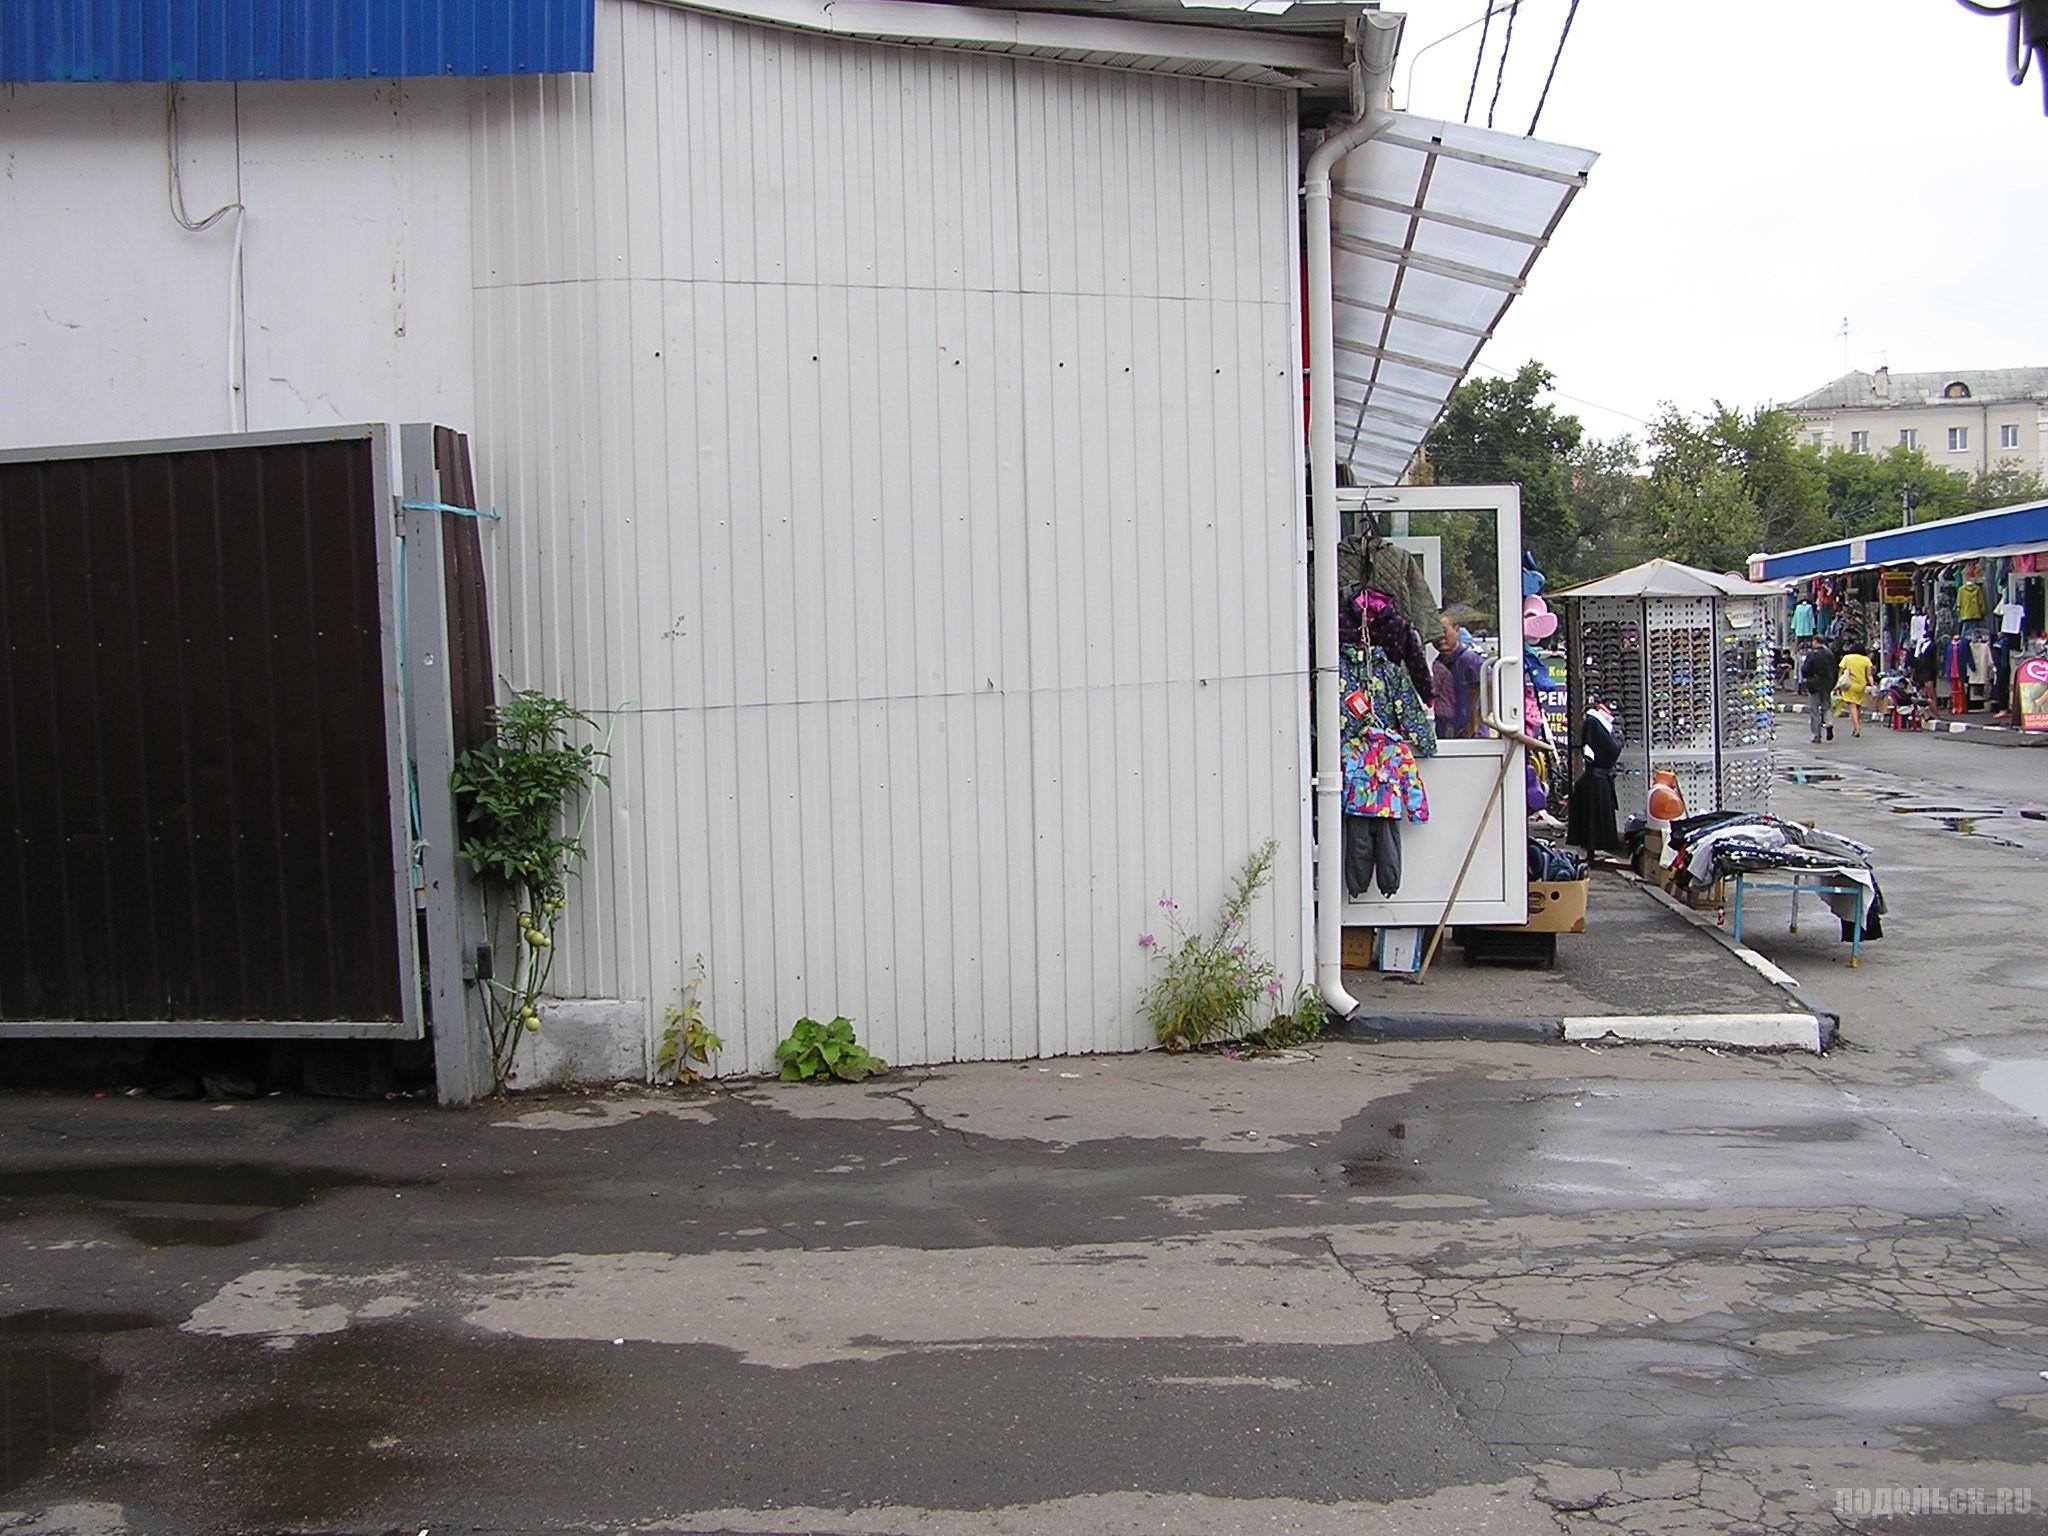 Советская улица, вещевой рынок. Август 2016 г.